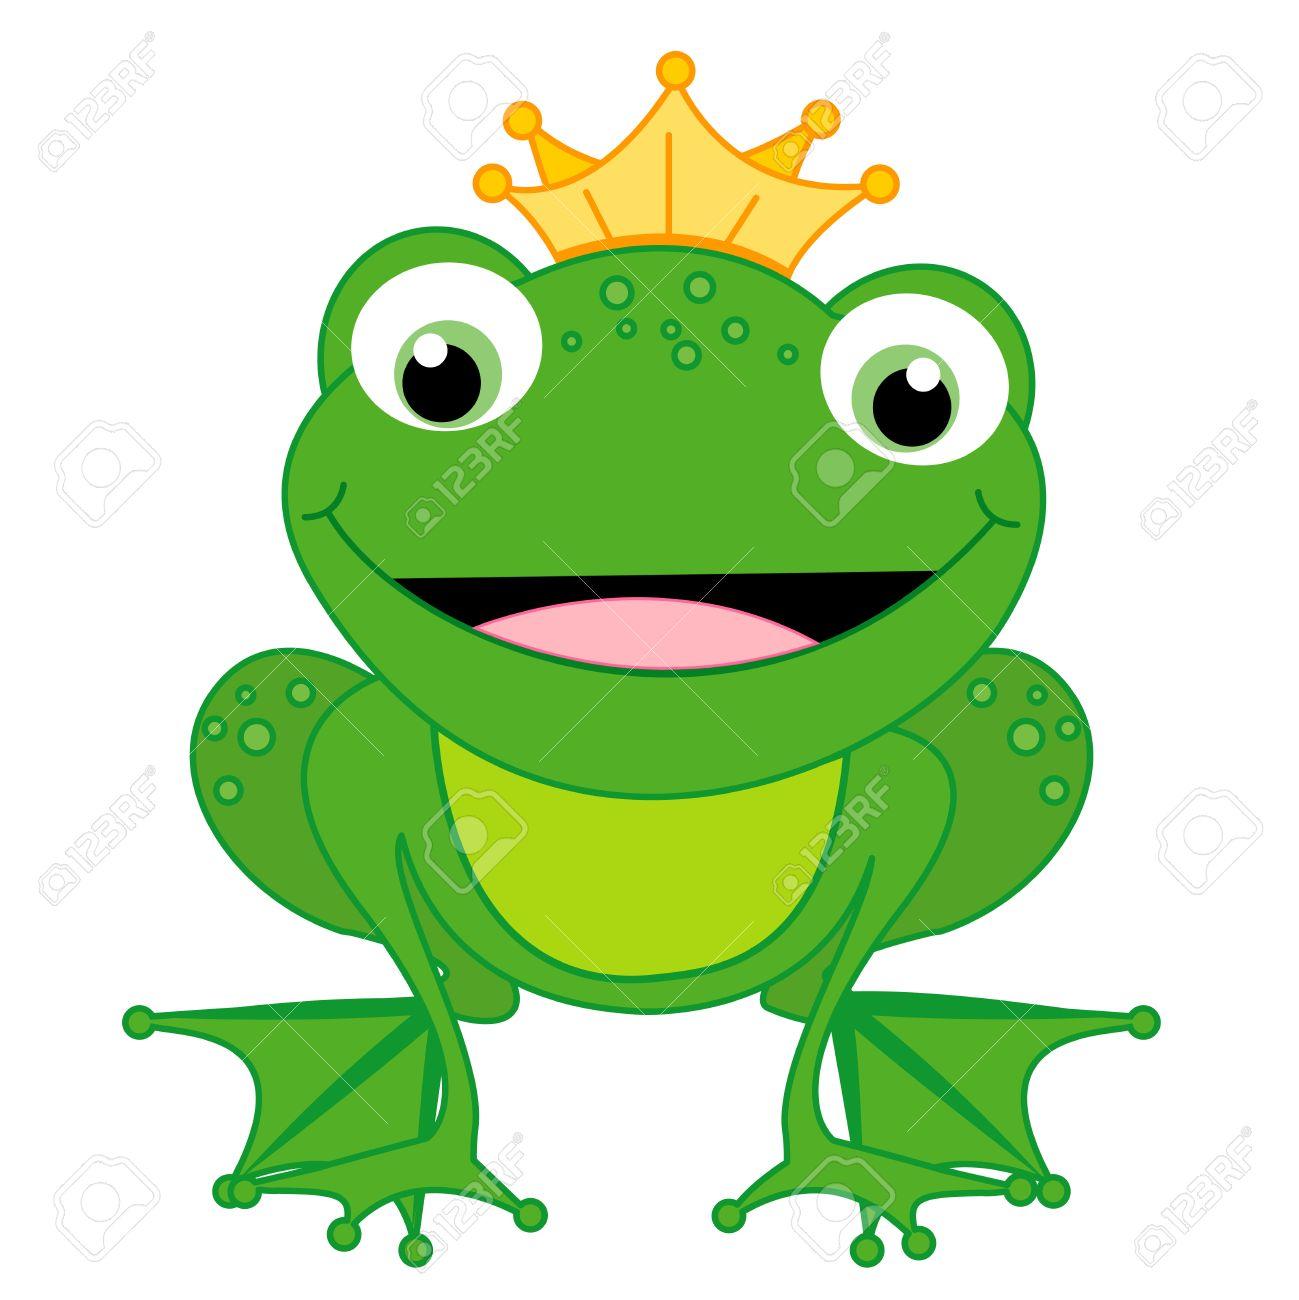 Ilustración De Un Pequeño Príncipe Rana Feliz Linda Con Una Corona ...